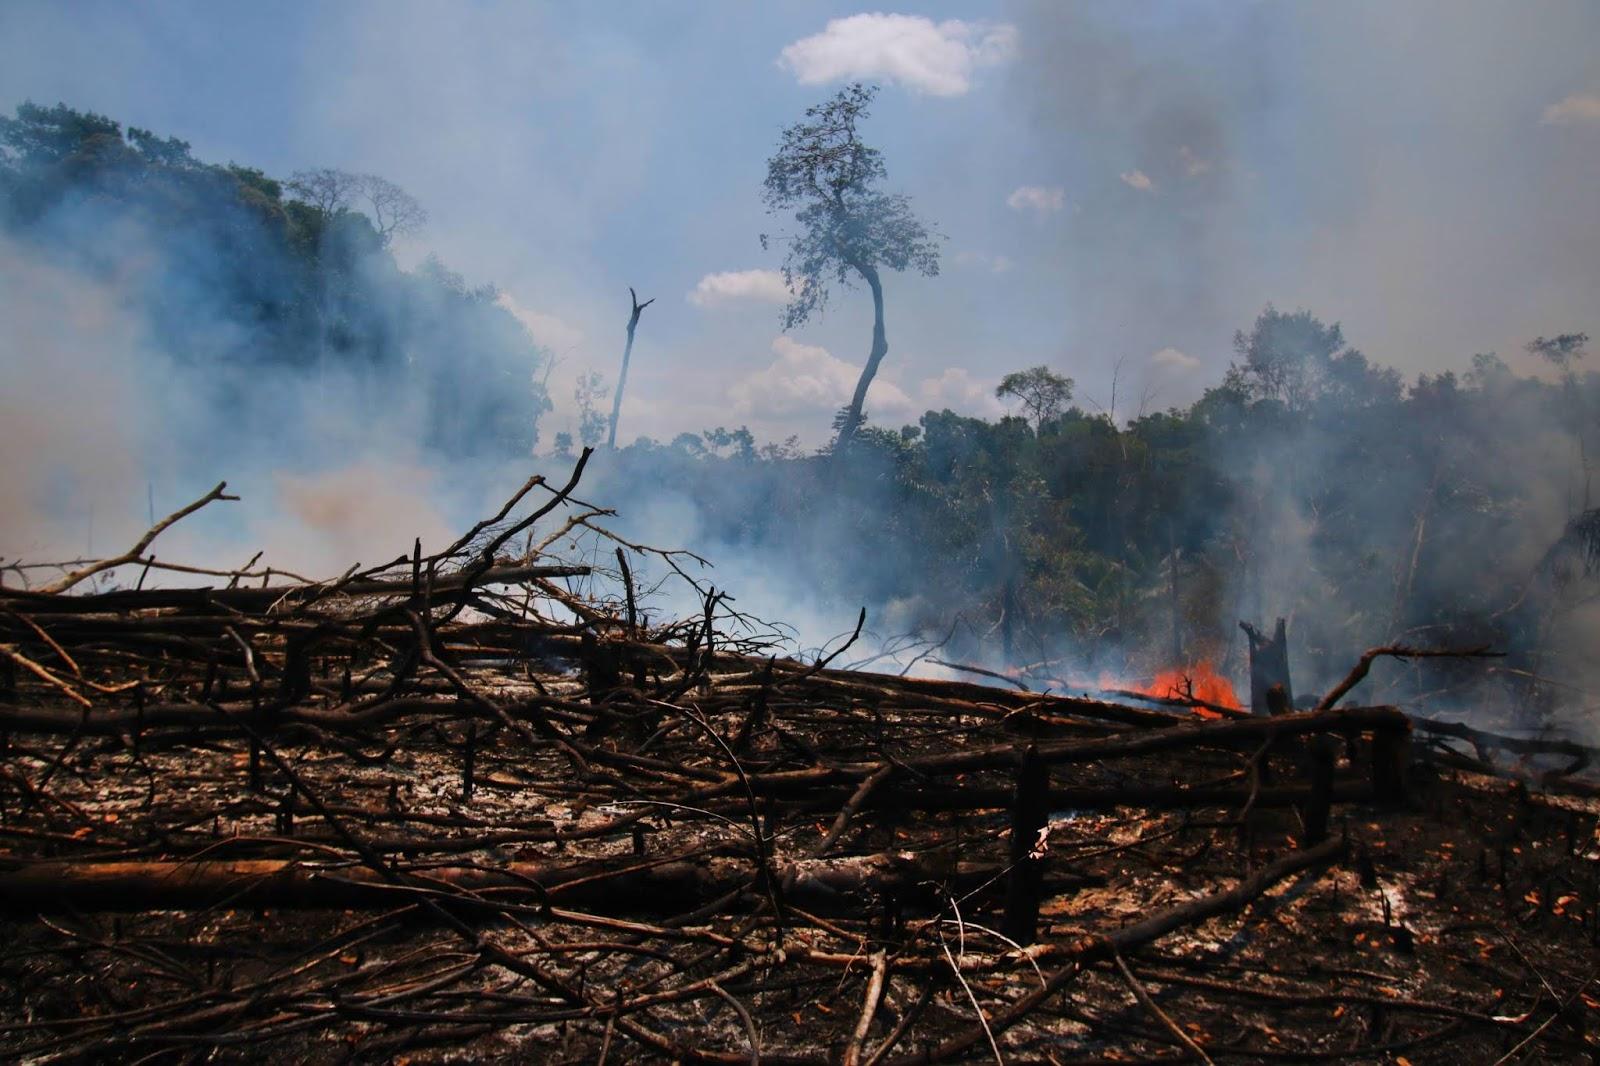 Decreto do governo federal publicado hoje proíbe queimadas por 120 dias